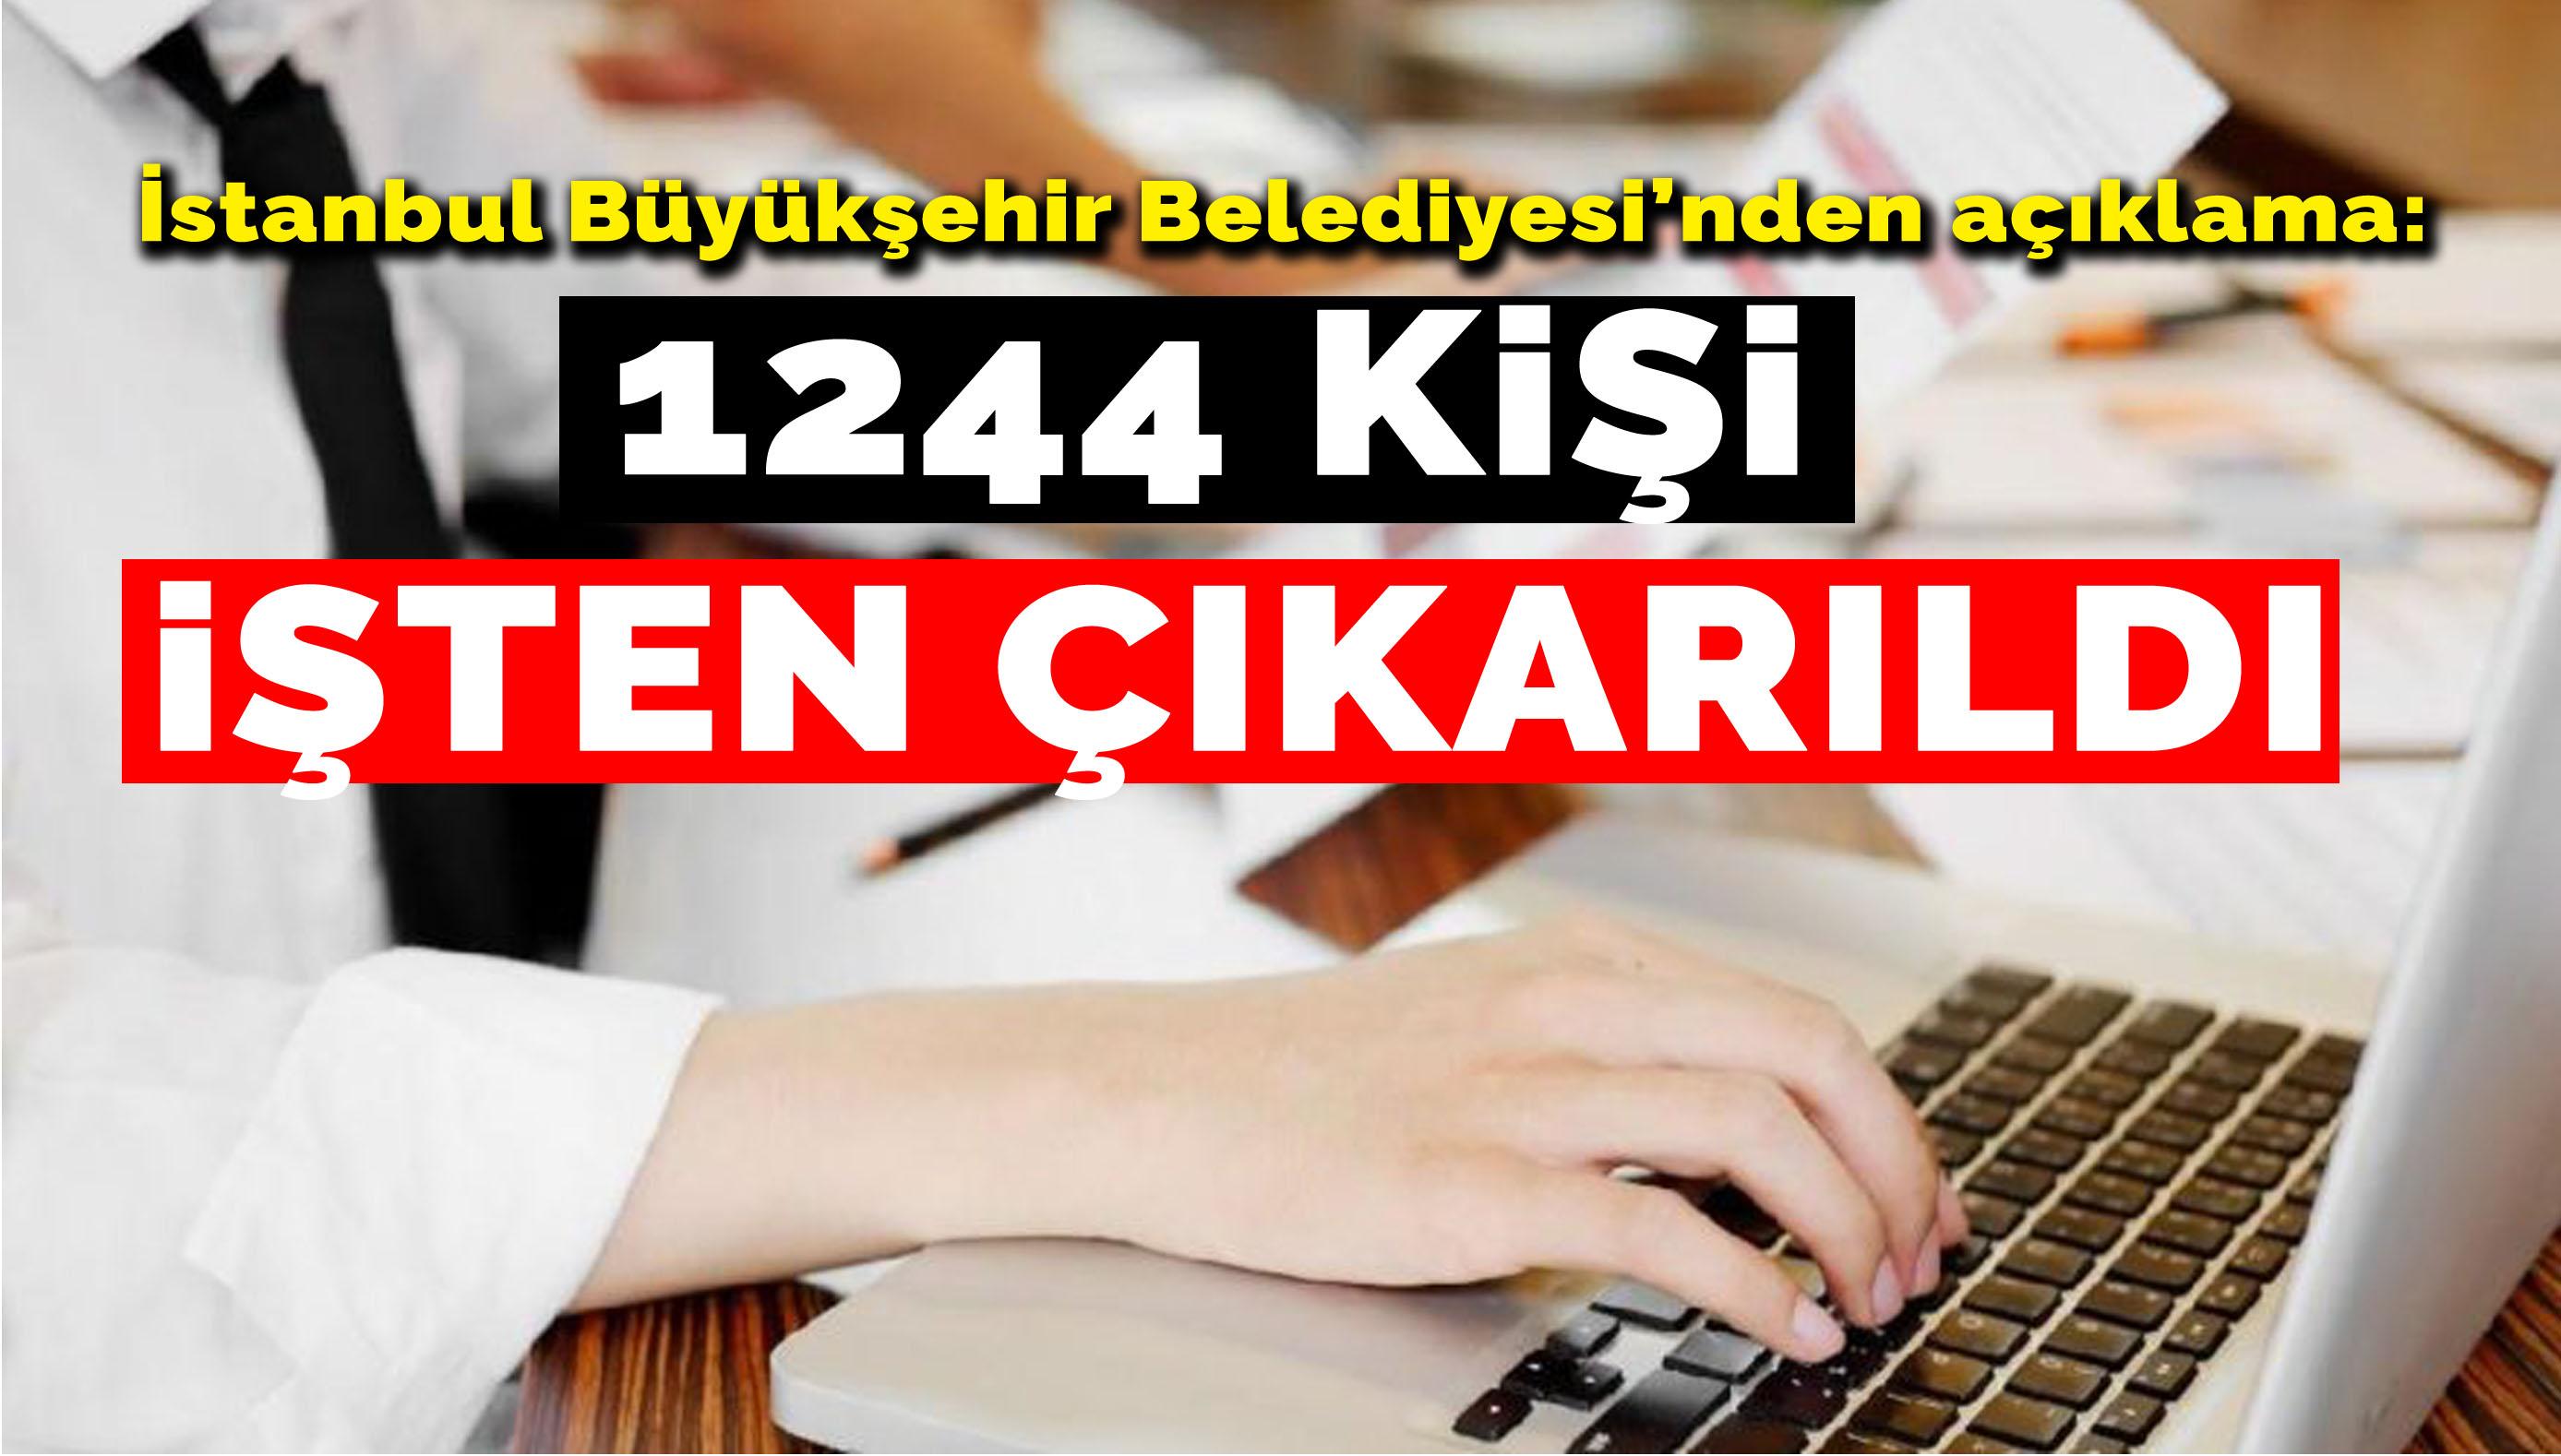 İBB: 1244 kişi işten çıkarıldı